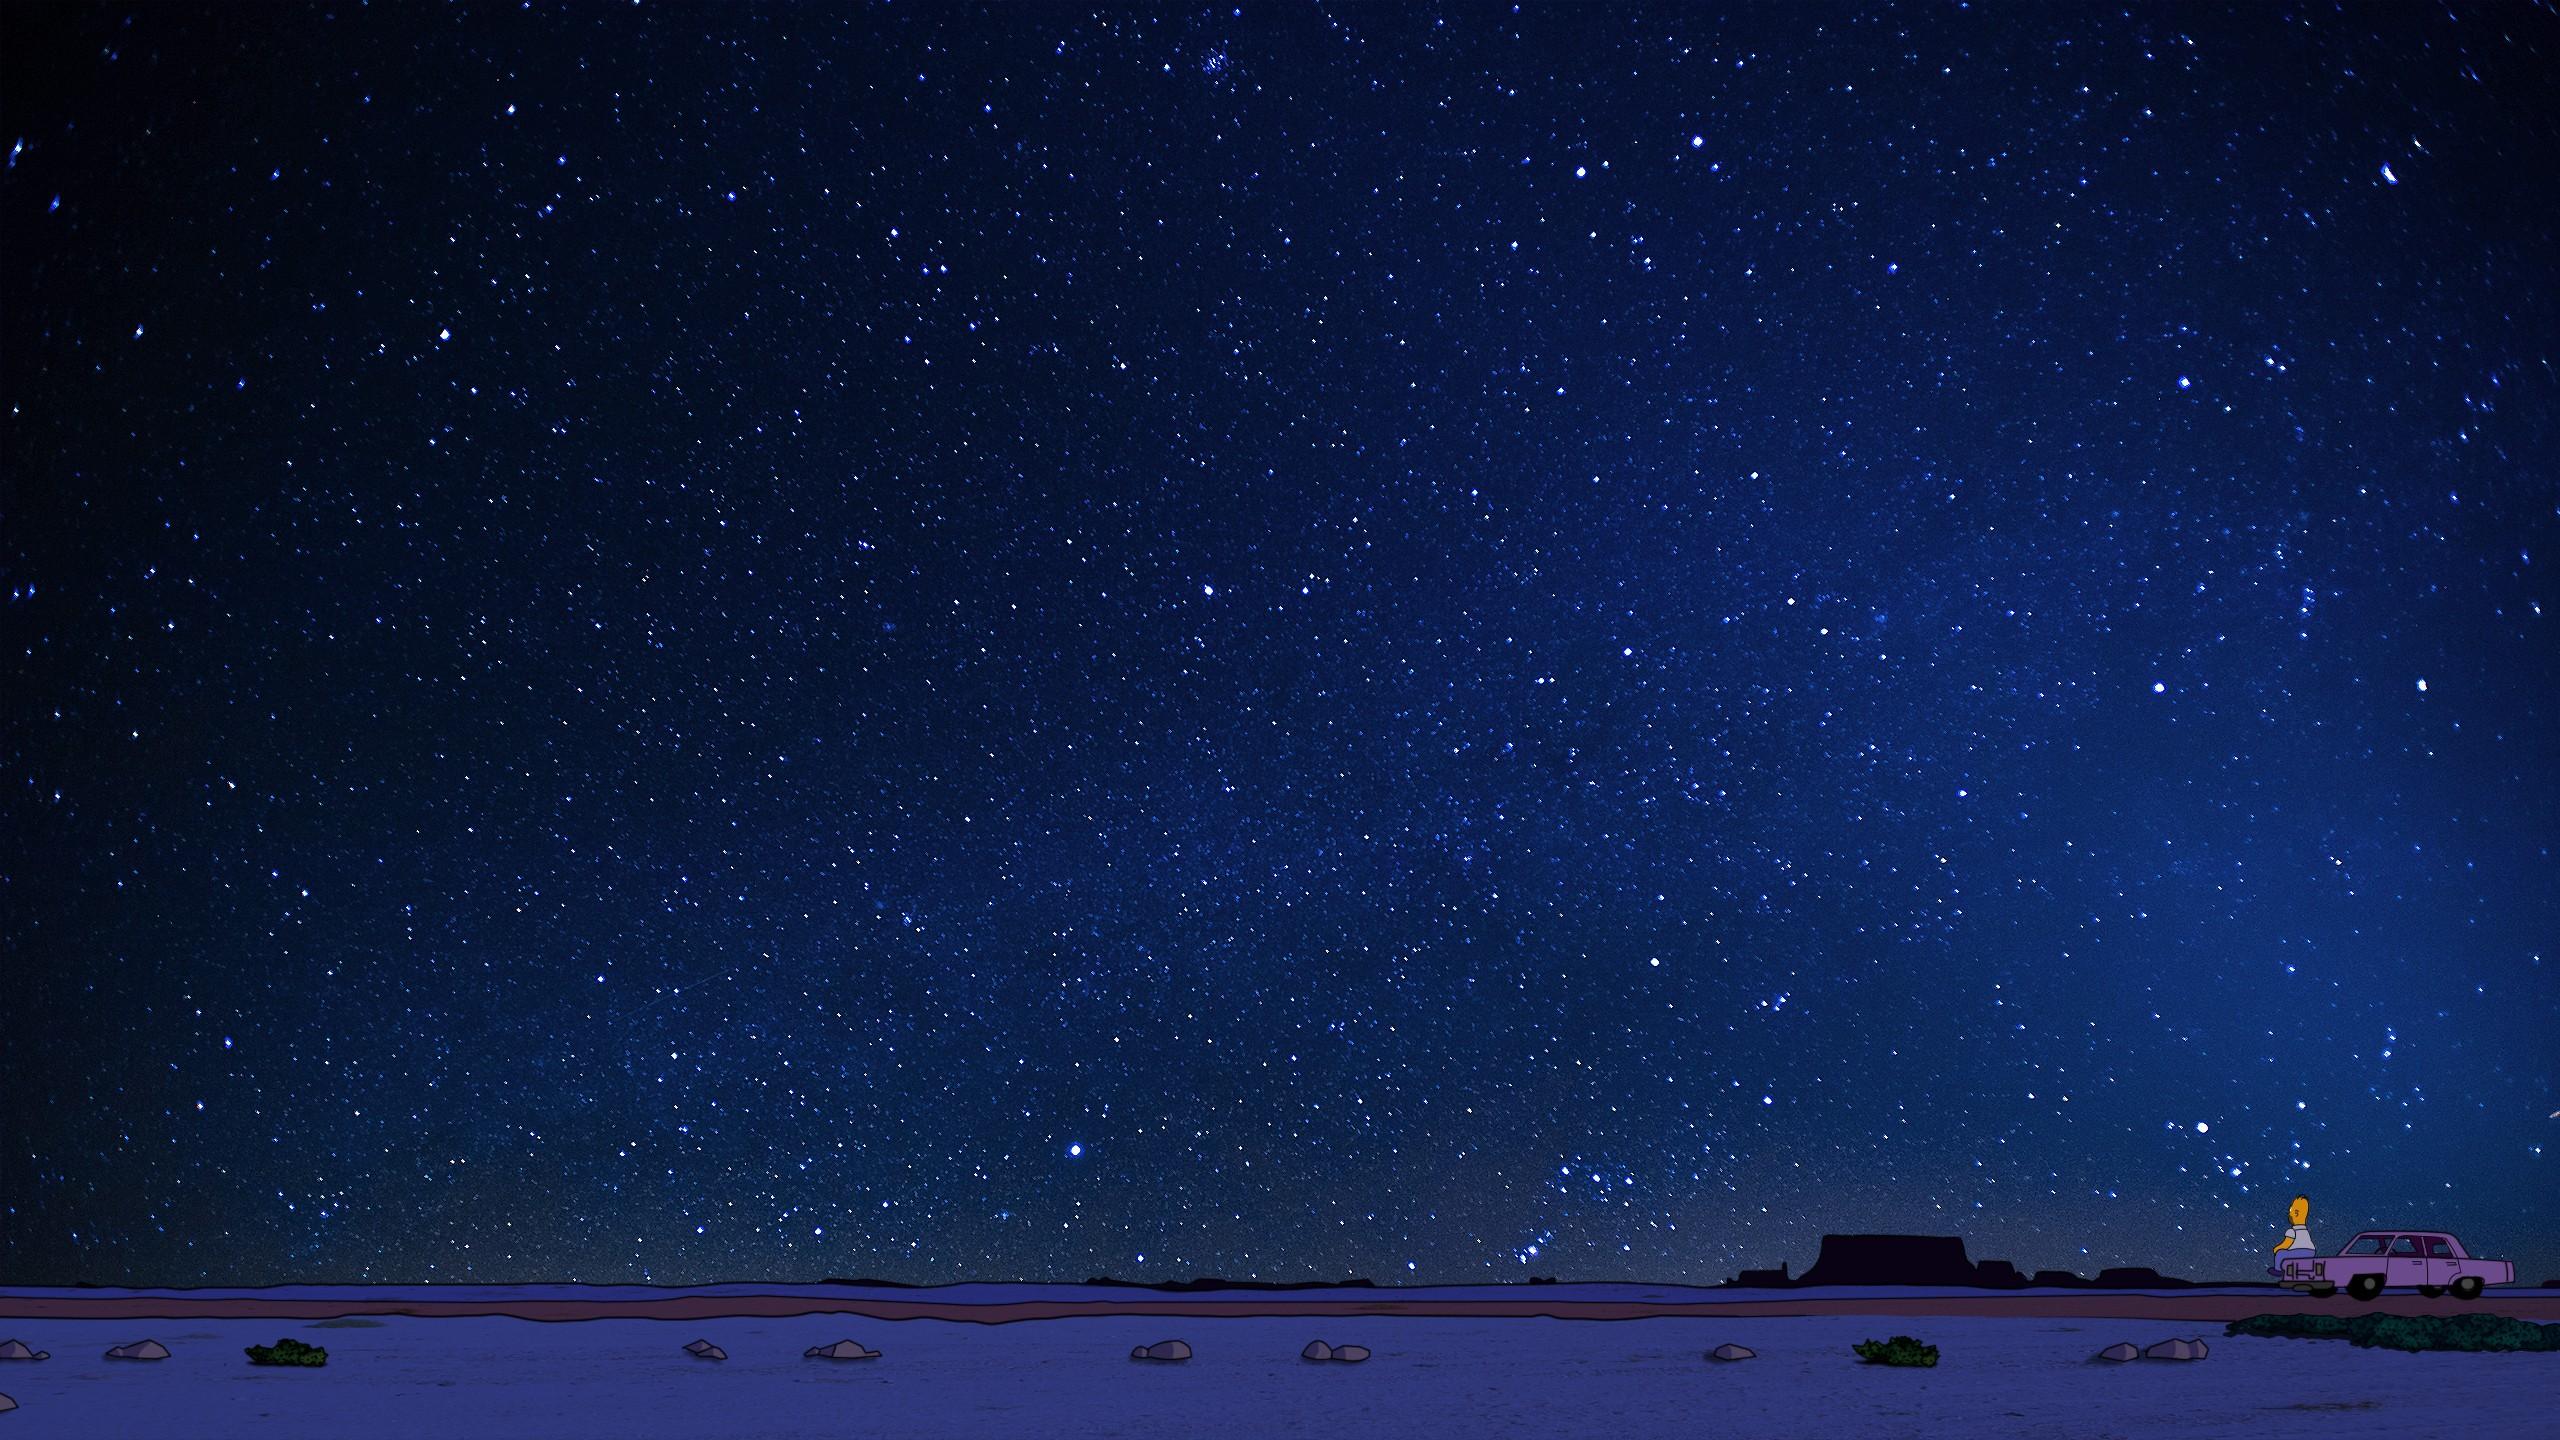 Звездное небо картинки на обои